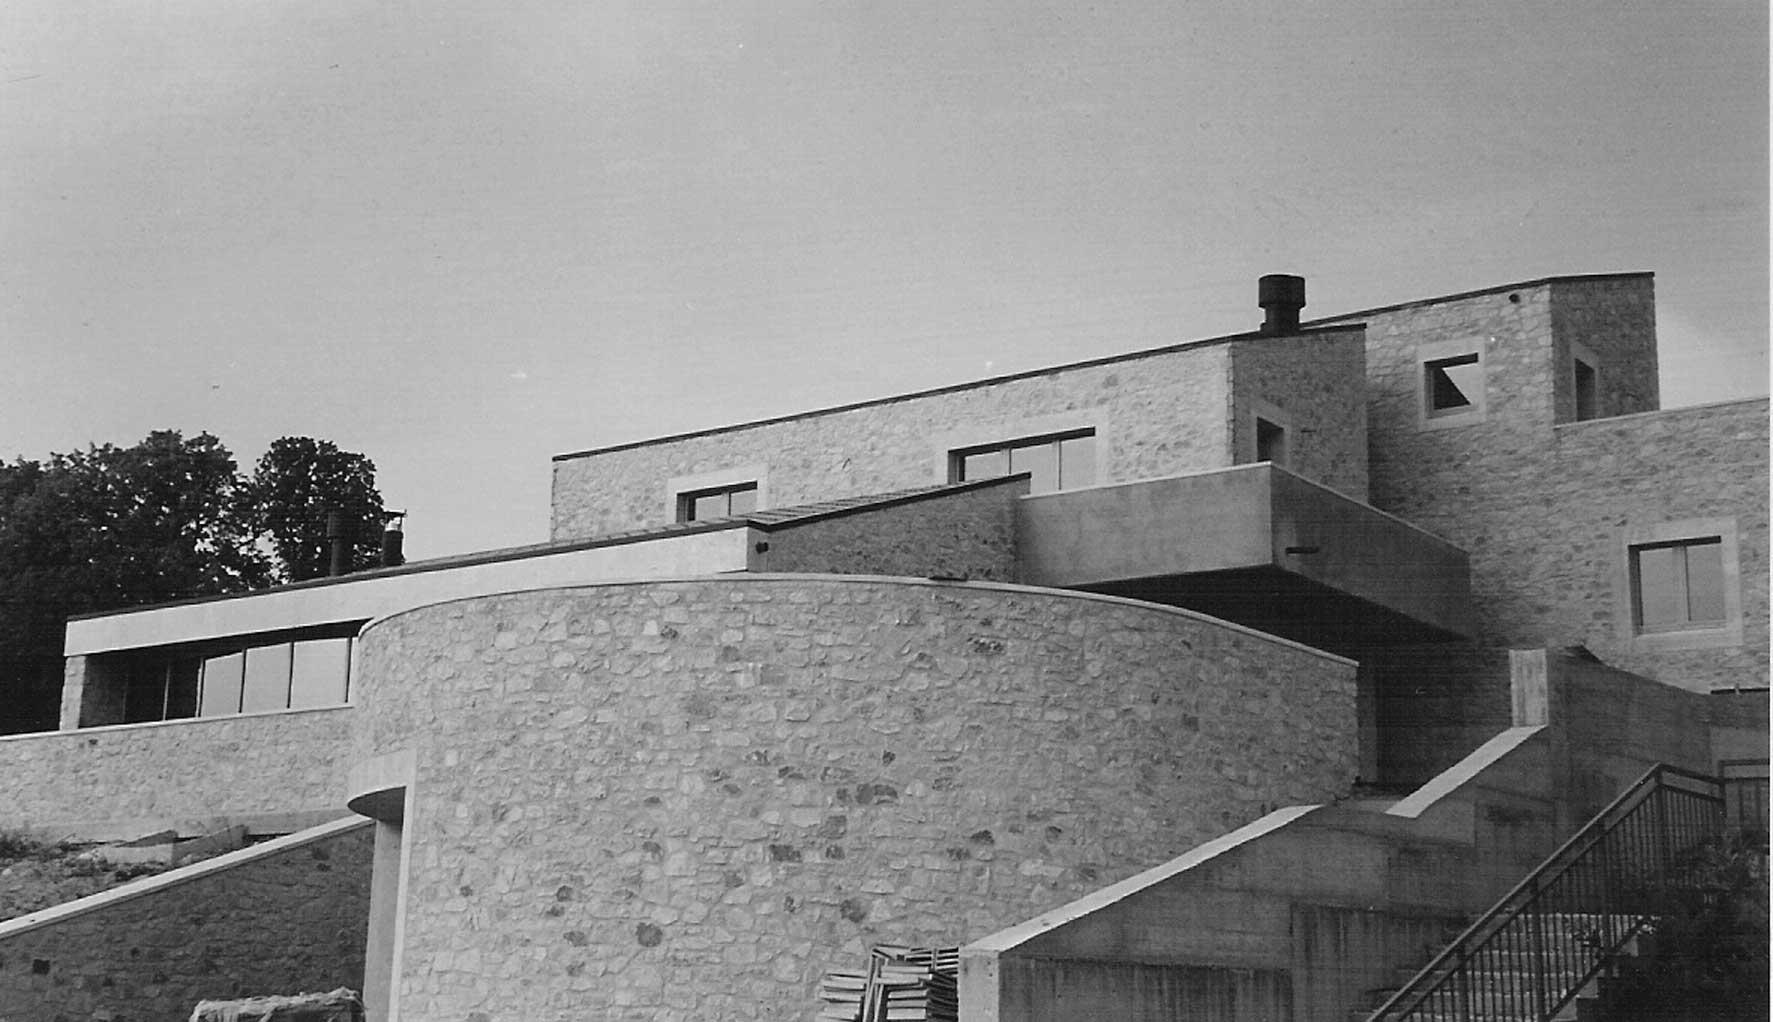 18 - Casa Settimi sul colle di San Tommaso, Spoleto (PG) - Vista esterna